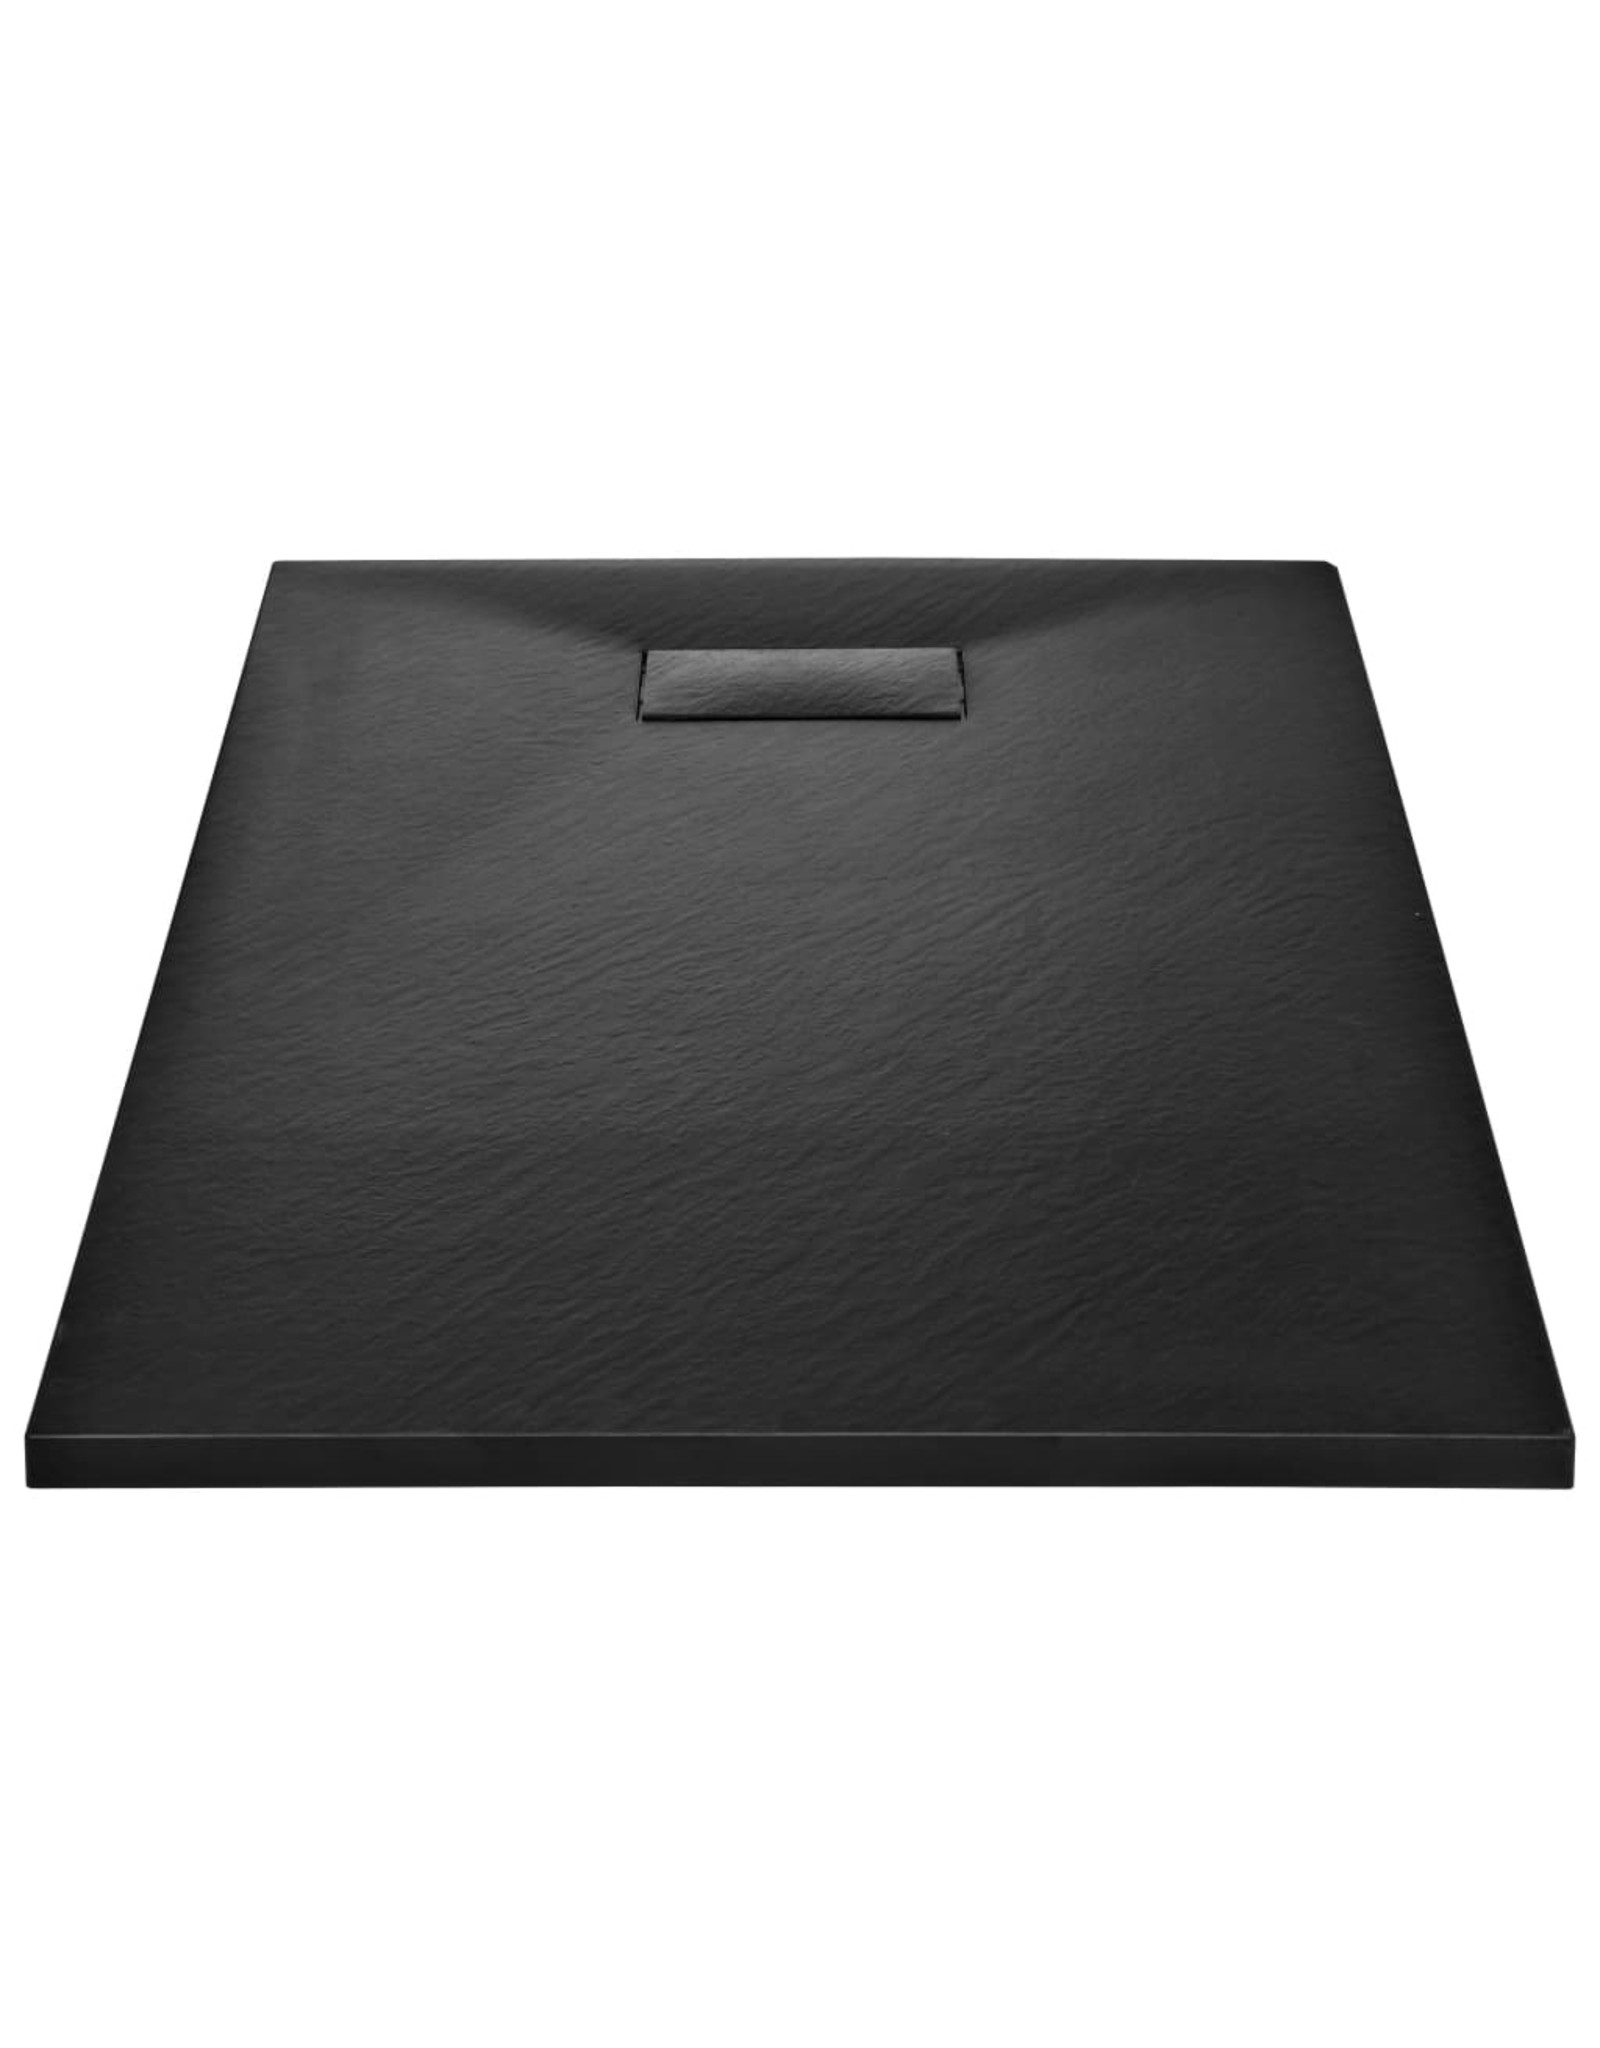 Douchebak 120x70 cm SMC zwart